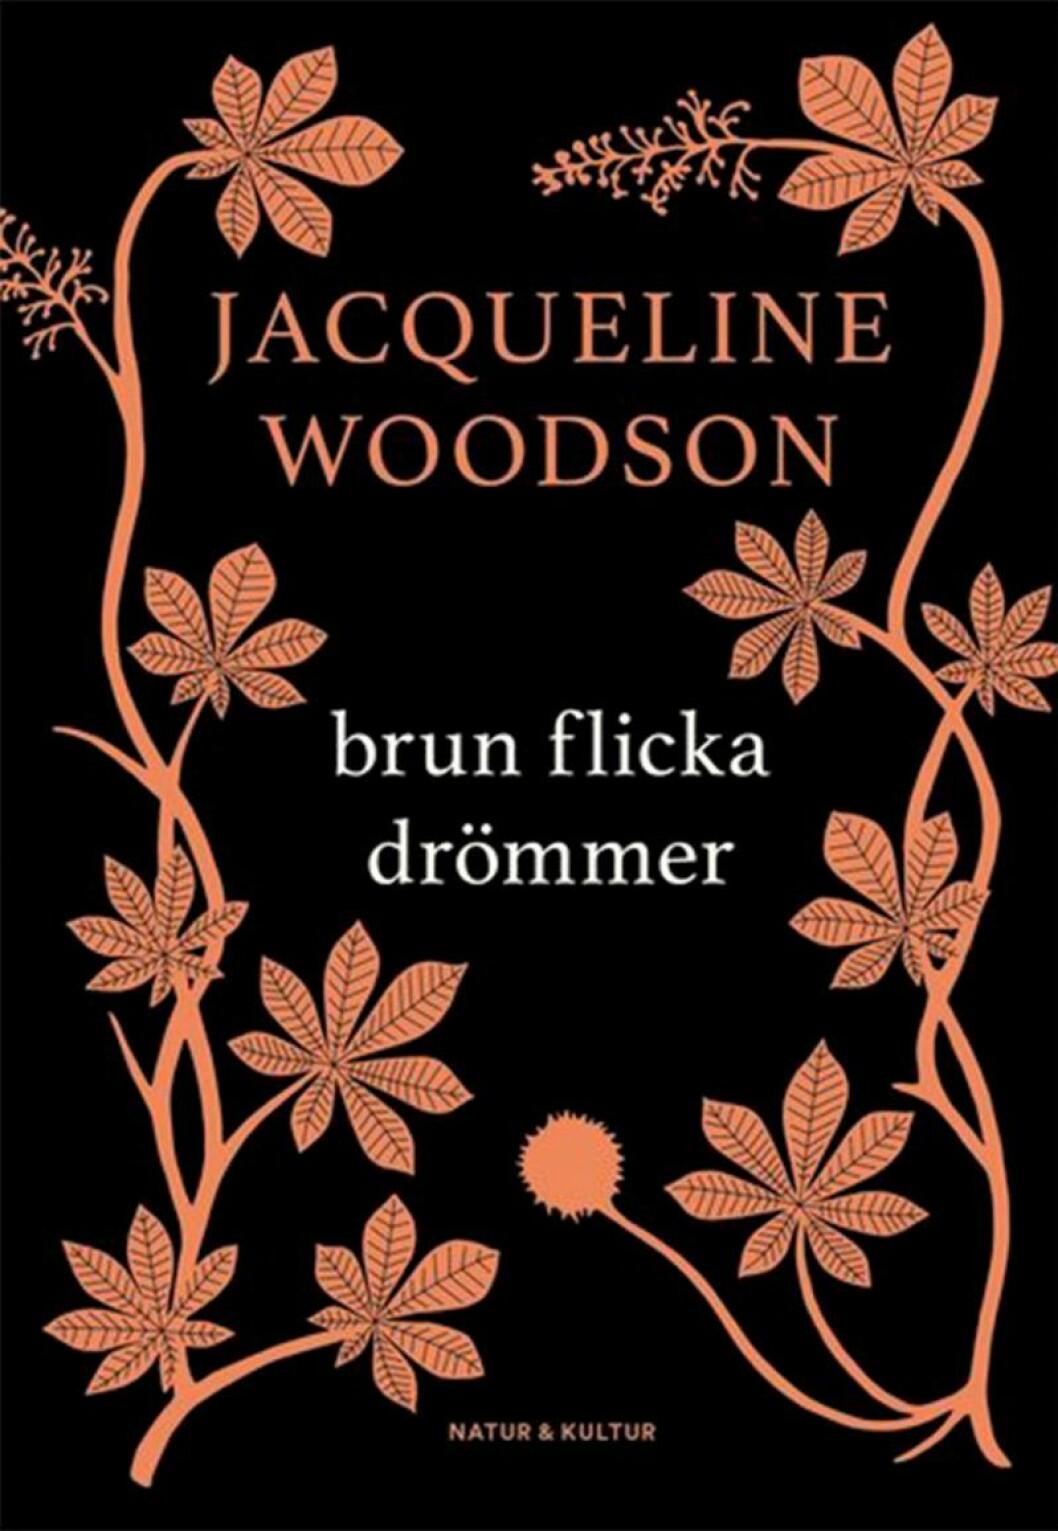 Bokomslag till Brun flicka drömmer, Illustration av oranga växter som reser sig.